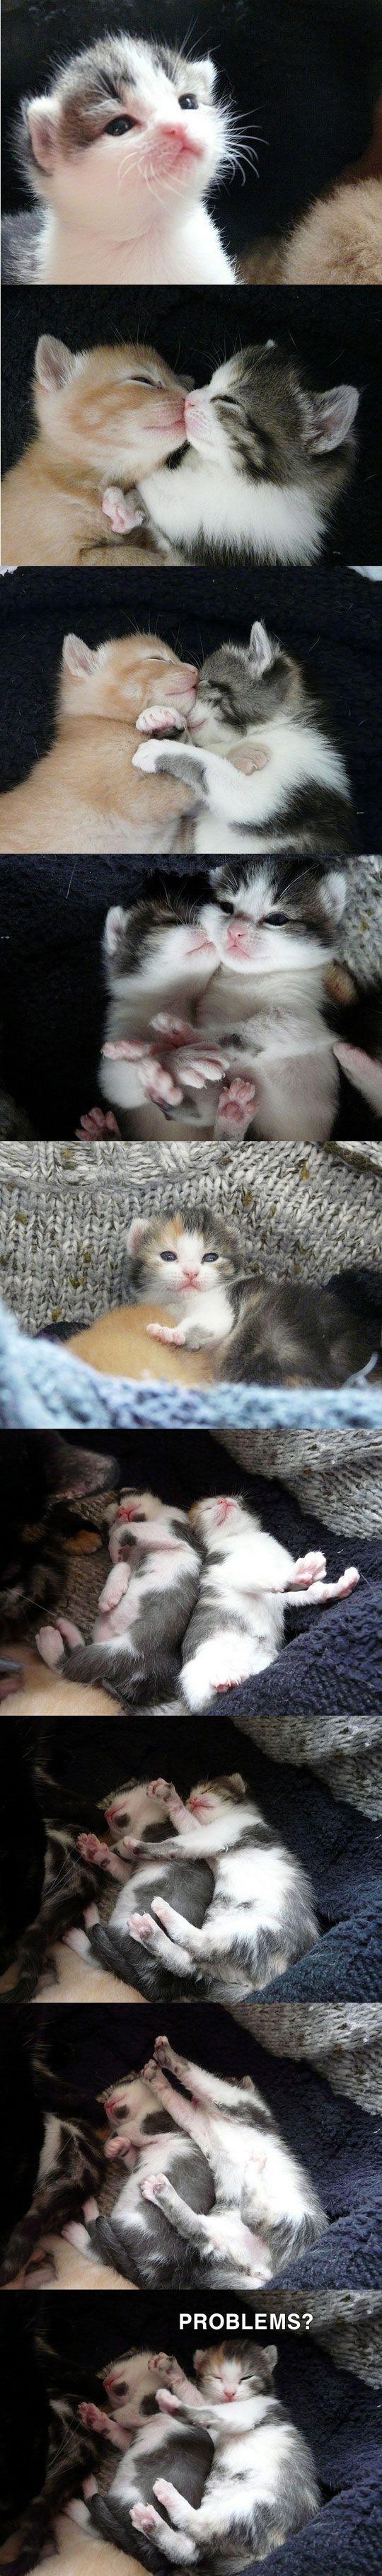 cute-little-kittens-hugging-kissing